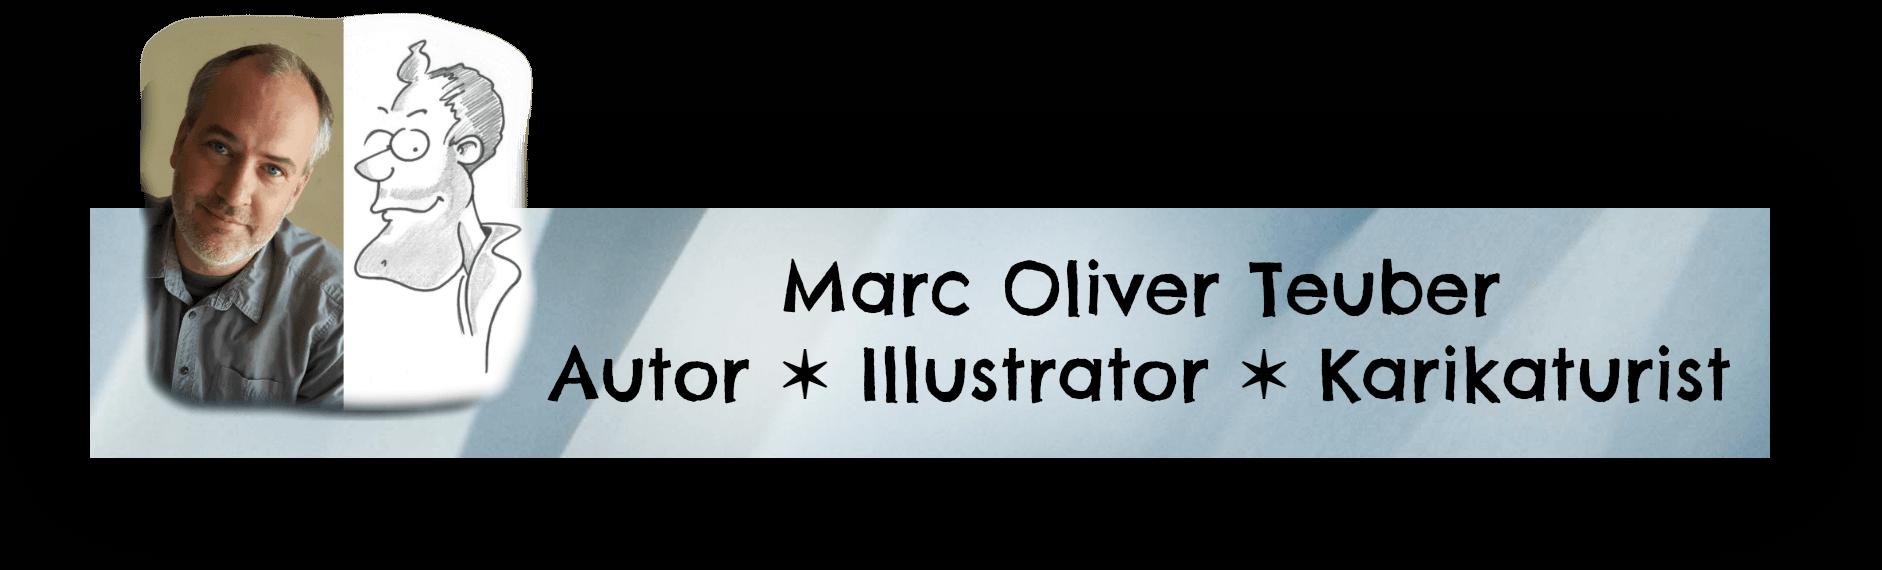 Marc Oliver Teuber Autor ✶ Illustrator✶ Karikaturist